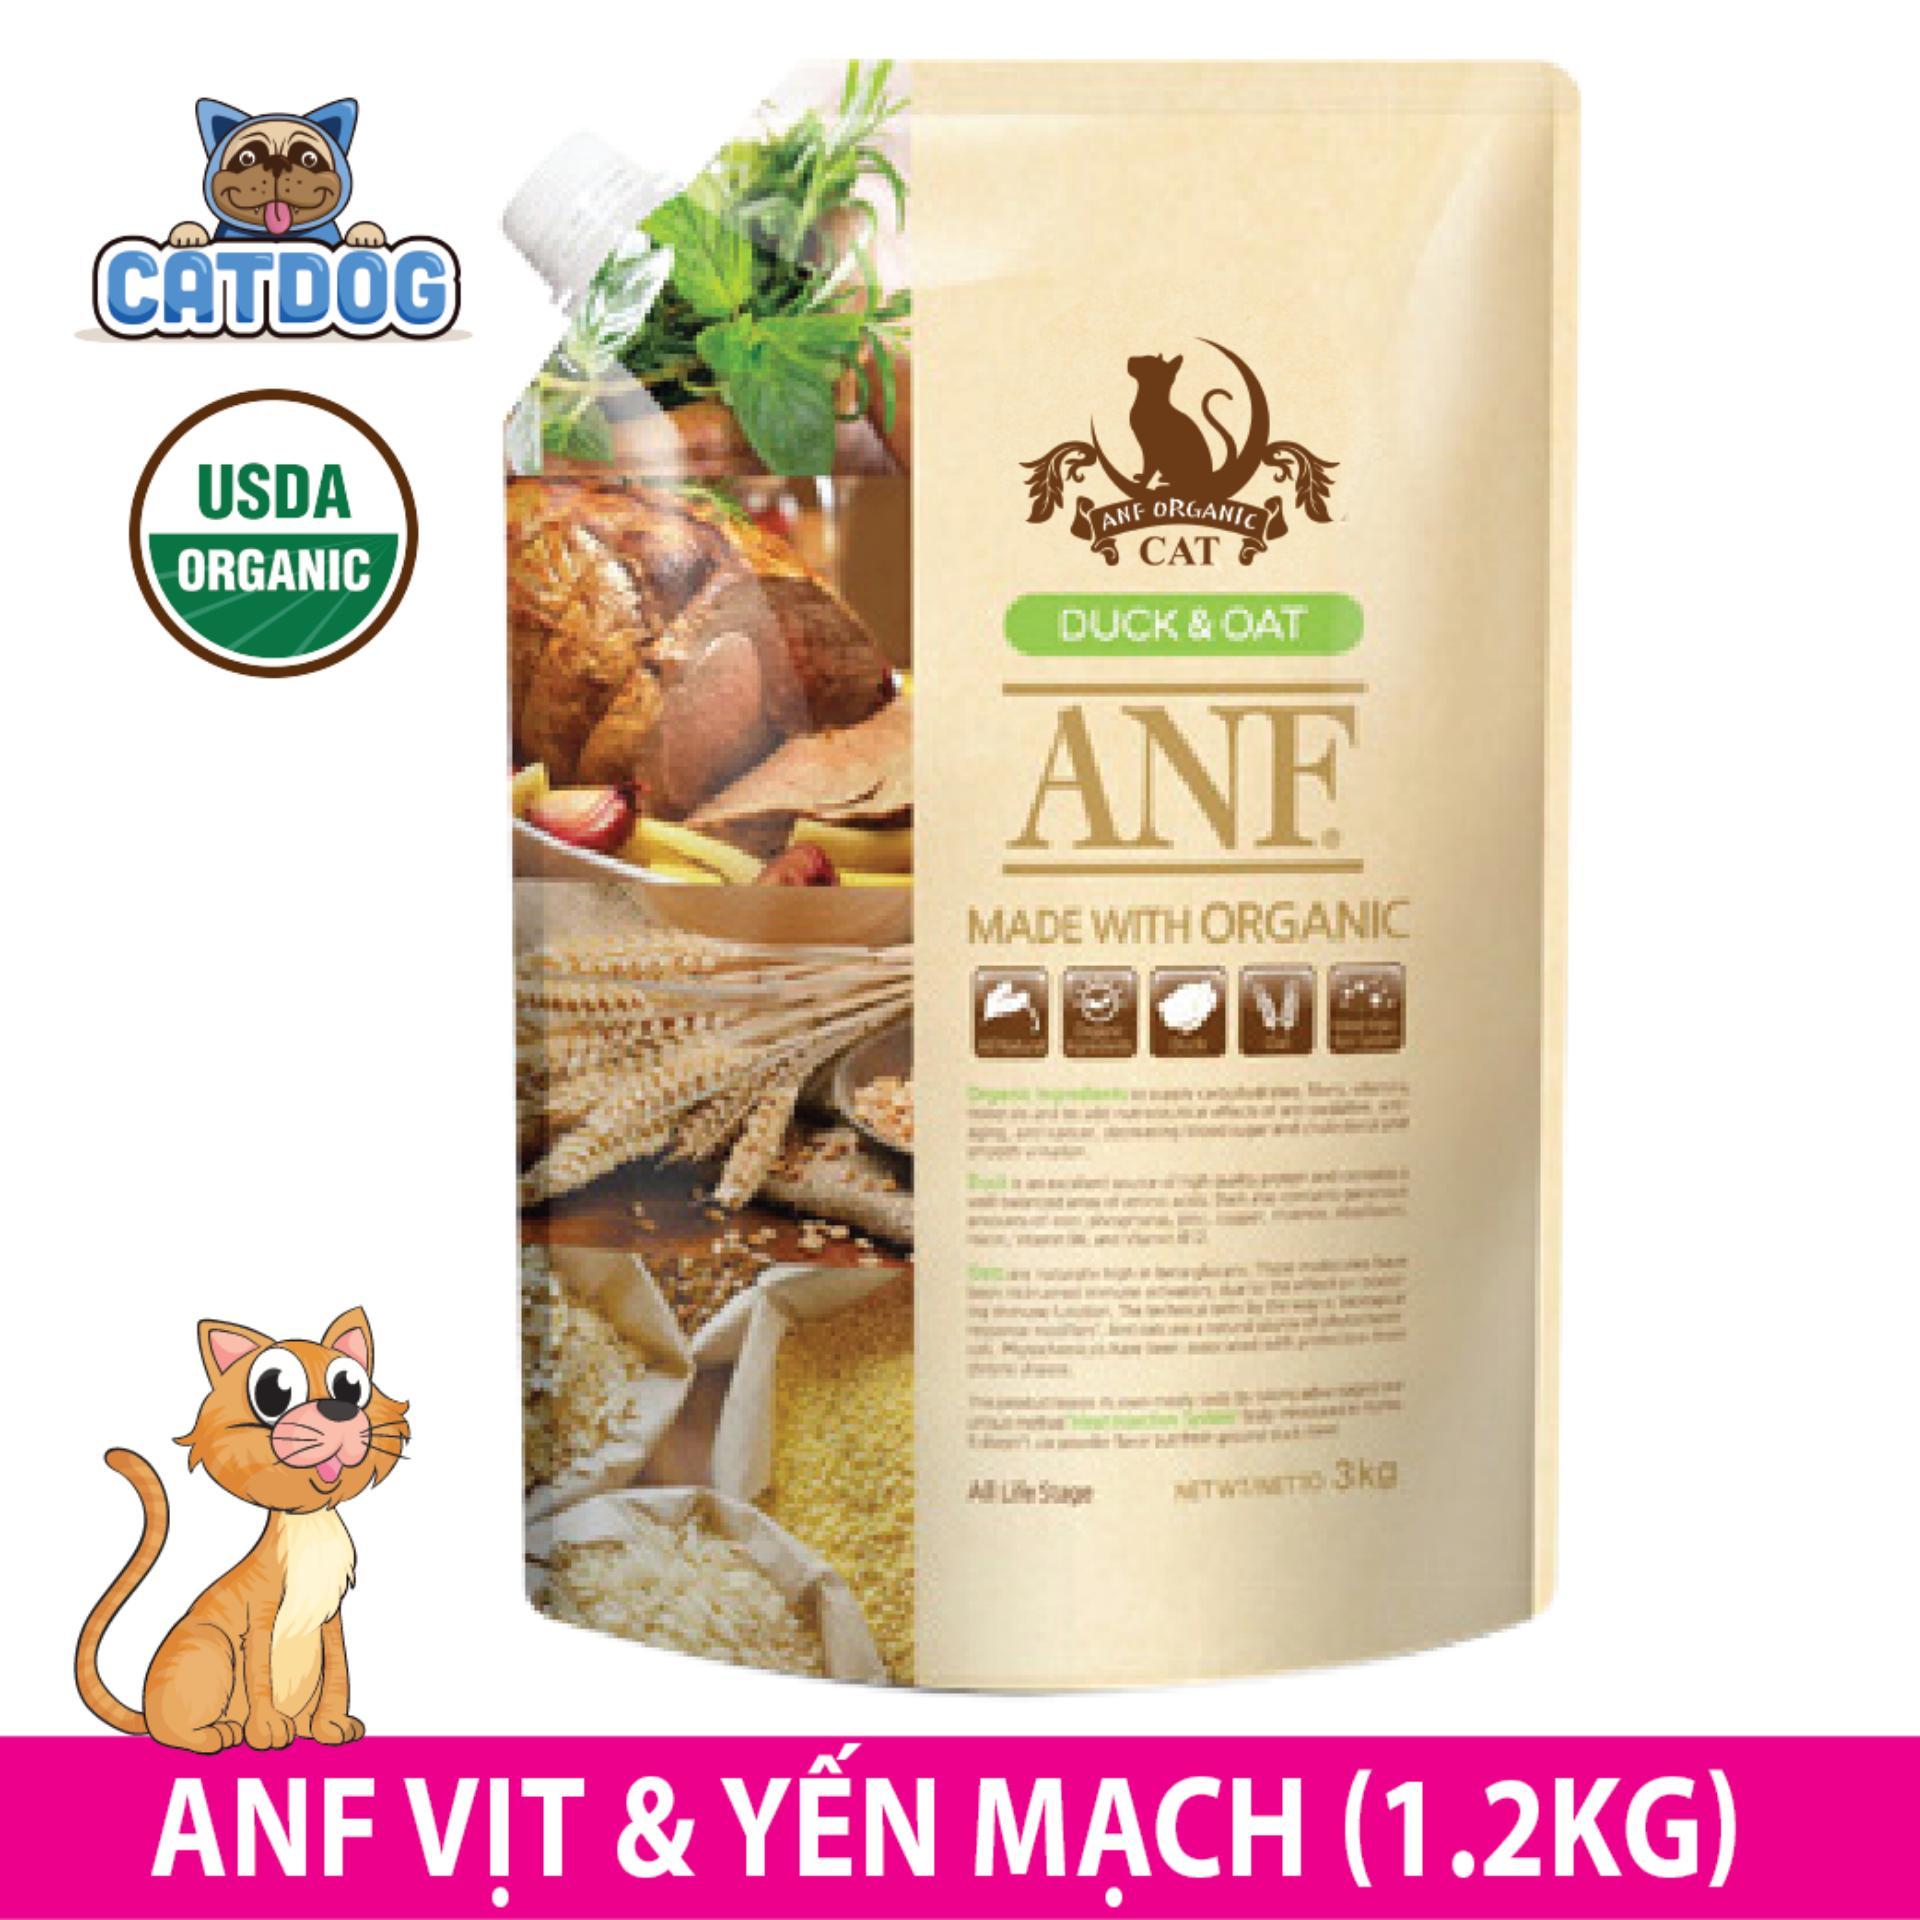 Giá Bán Hạt Anf Made With Organic Vị Vịt Yến Mạch 1 2Kg Meo Anf Nguyên